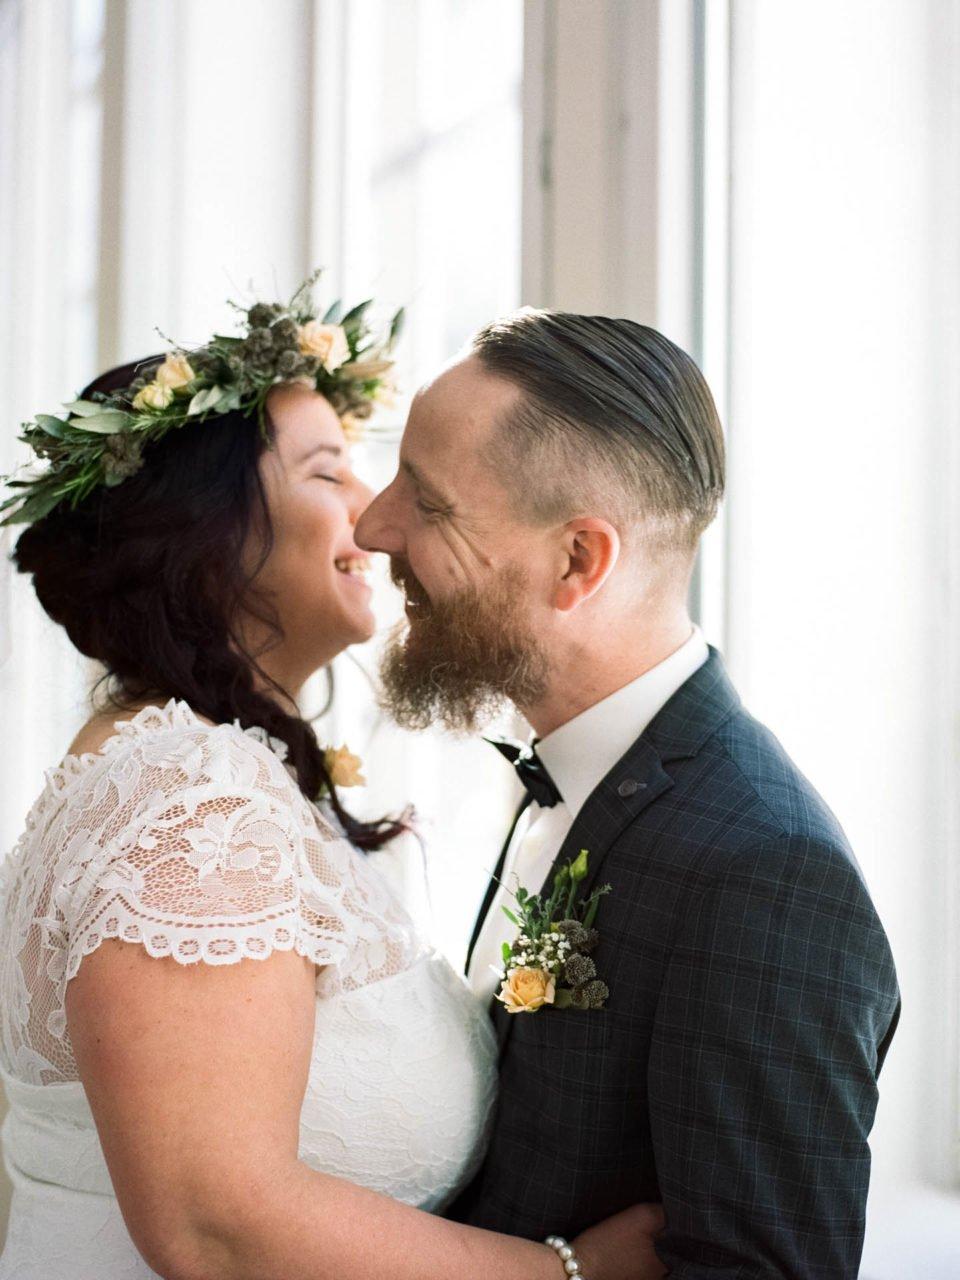 Brautpaar umarmt sich und lacht schön